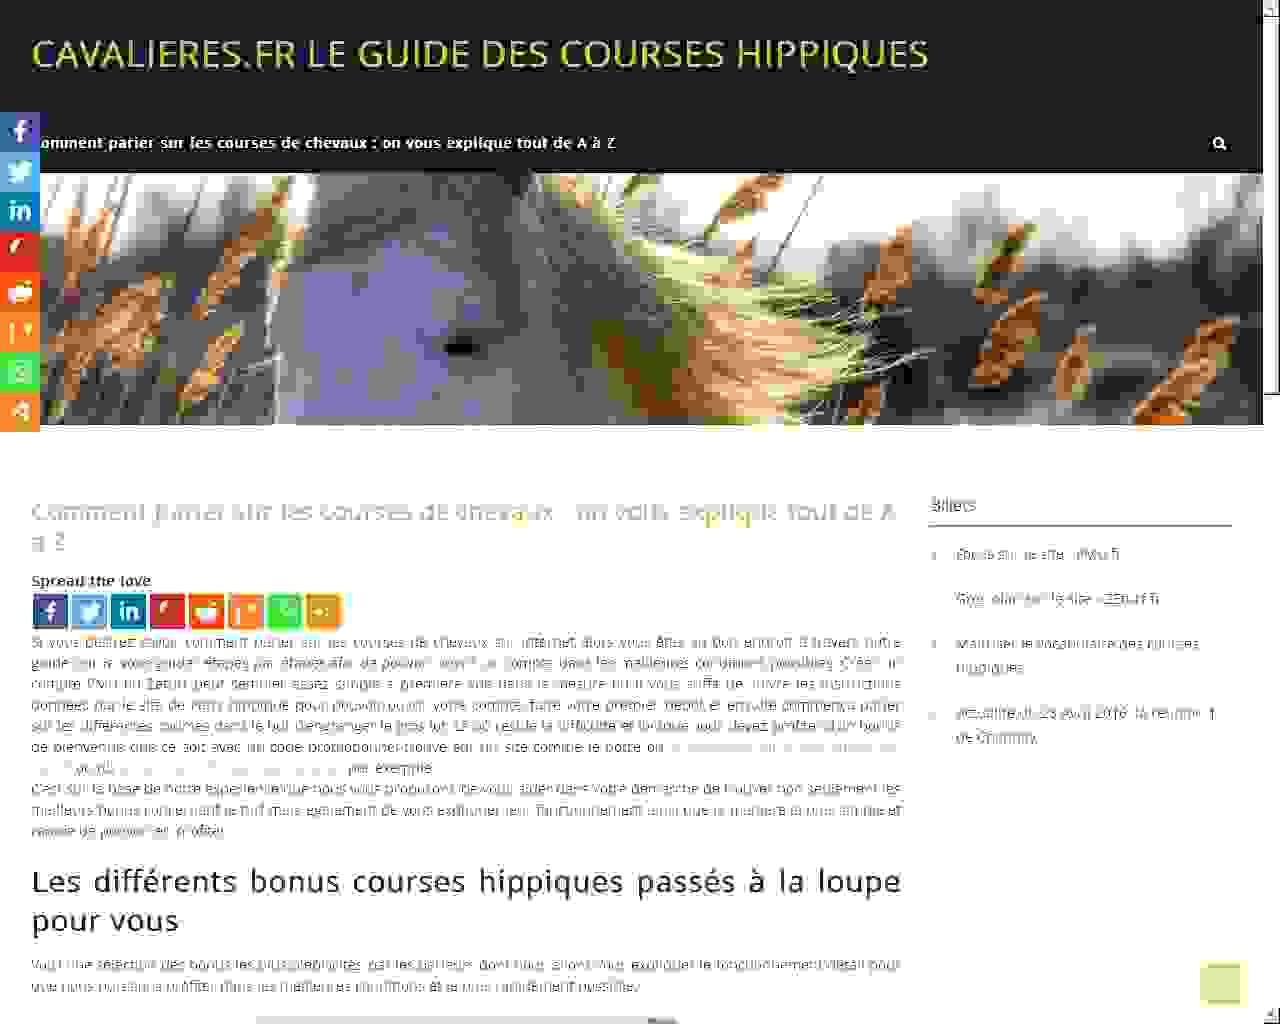 CAVALIERES.FR